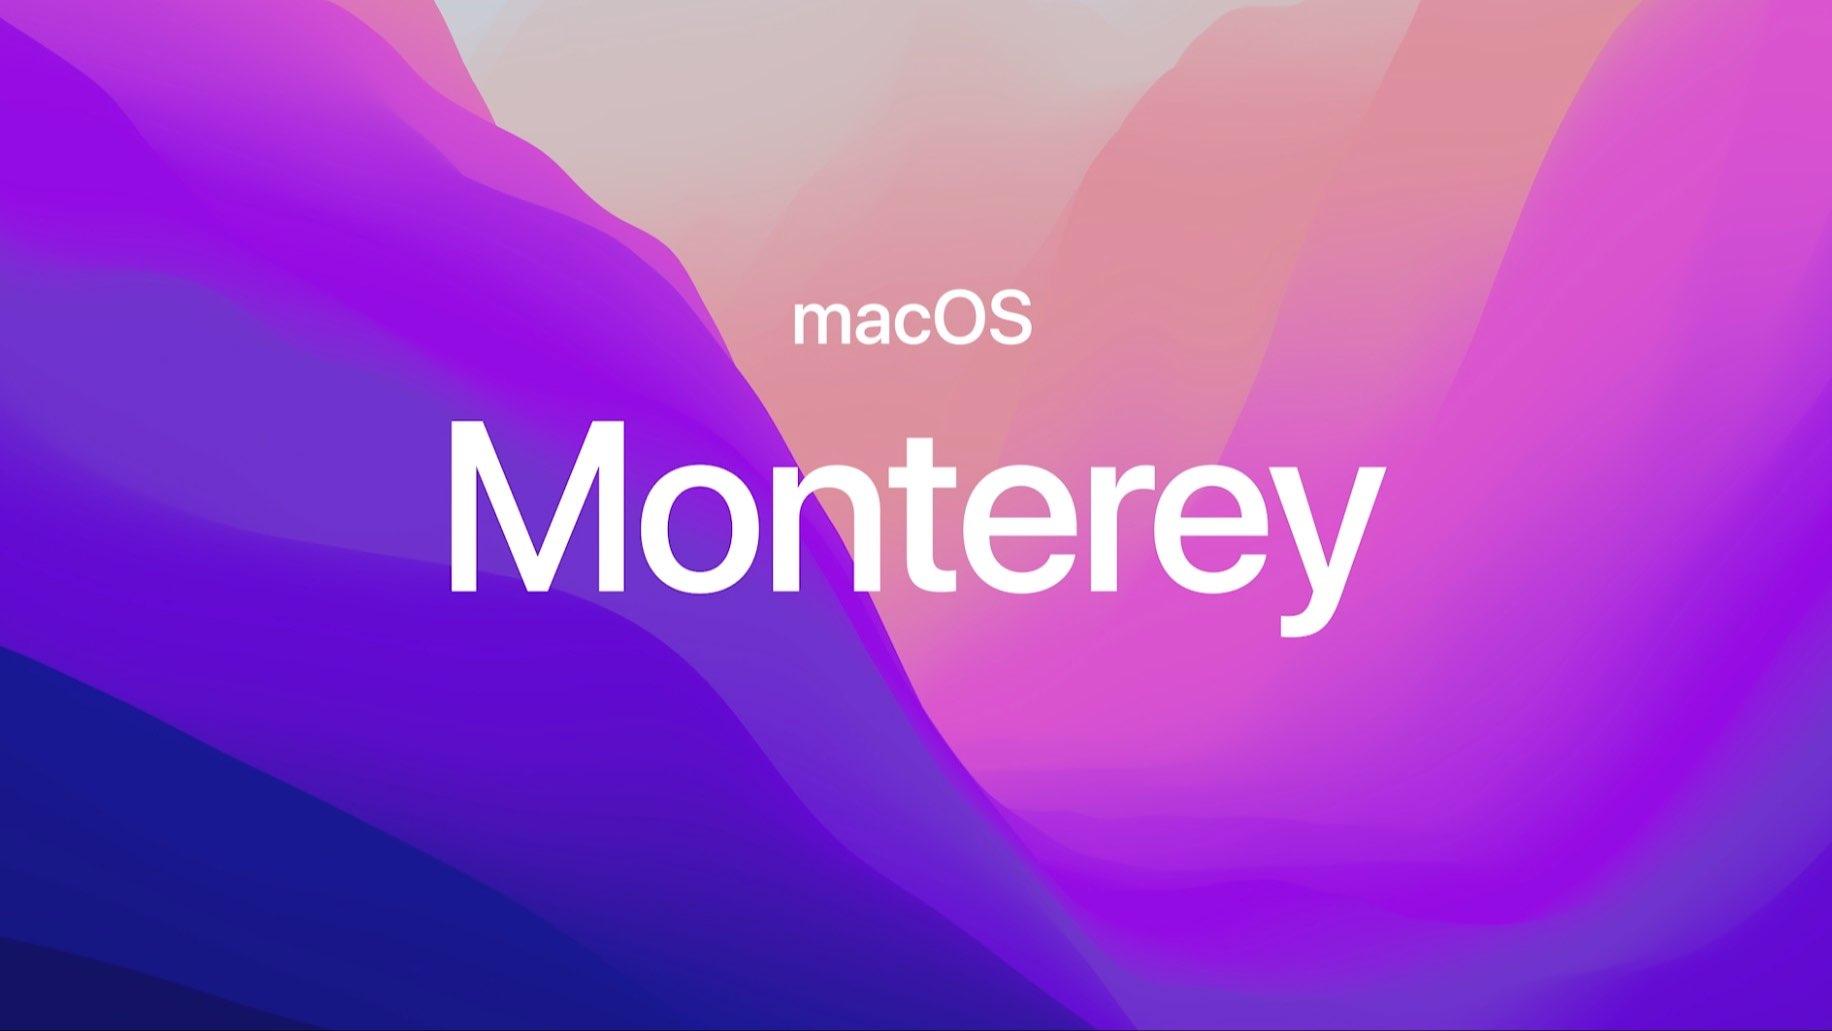 macOS Monterey è ufficiale, svelato alla WWDC 21